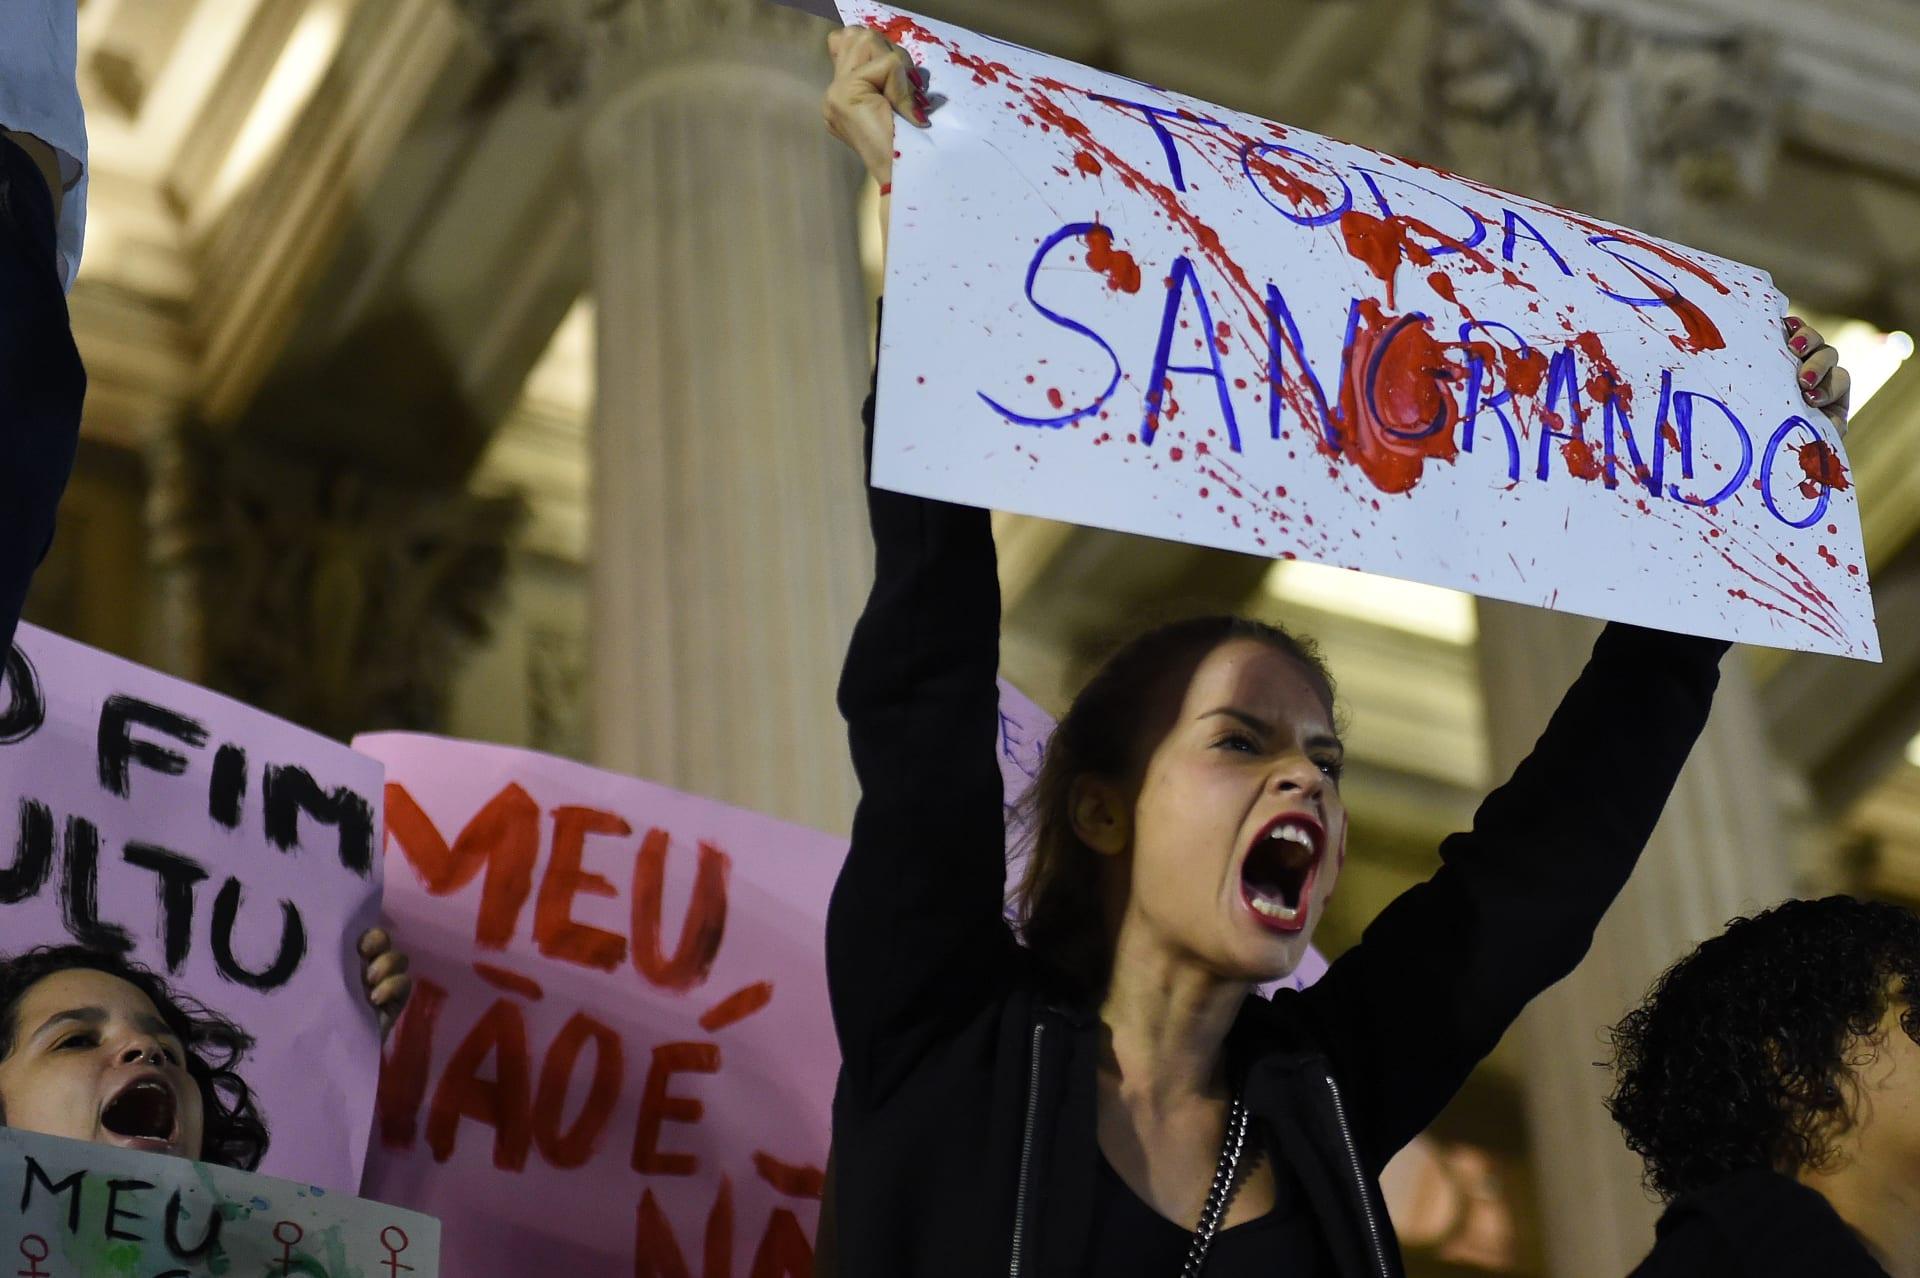 البرازيل: اغتصاب جماعي لمراهقة يسبب ضجة.. والمغتصبون ينشرون فيديو يفضحها عارية وغائبة عن الوعي